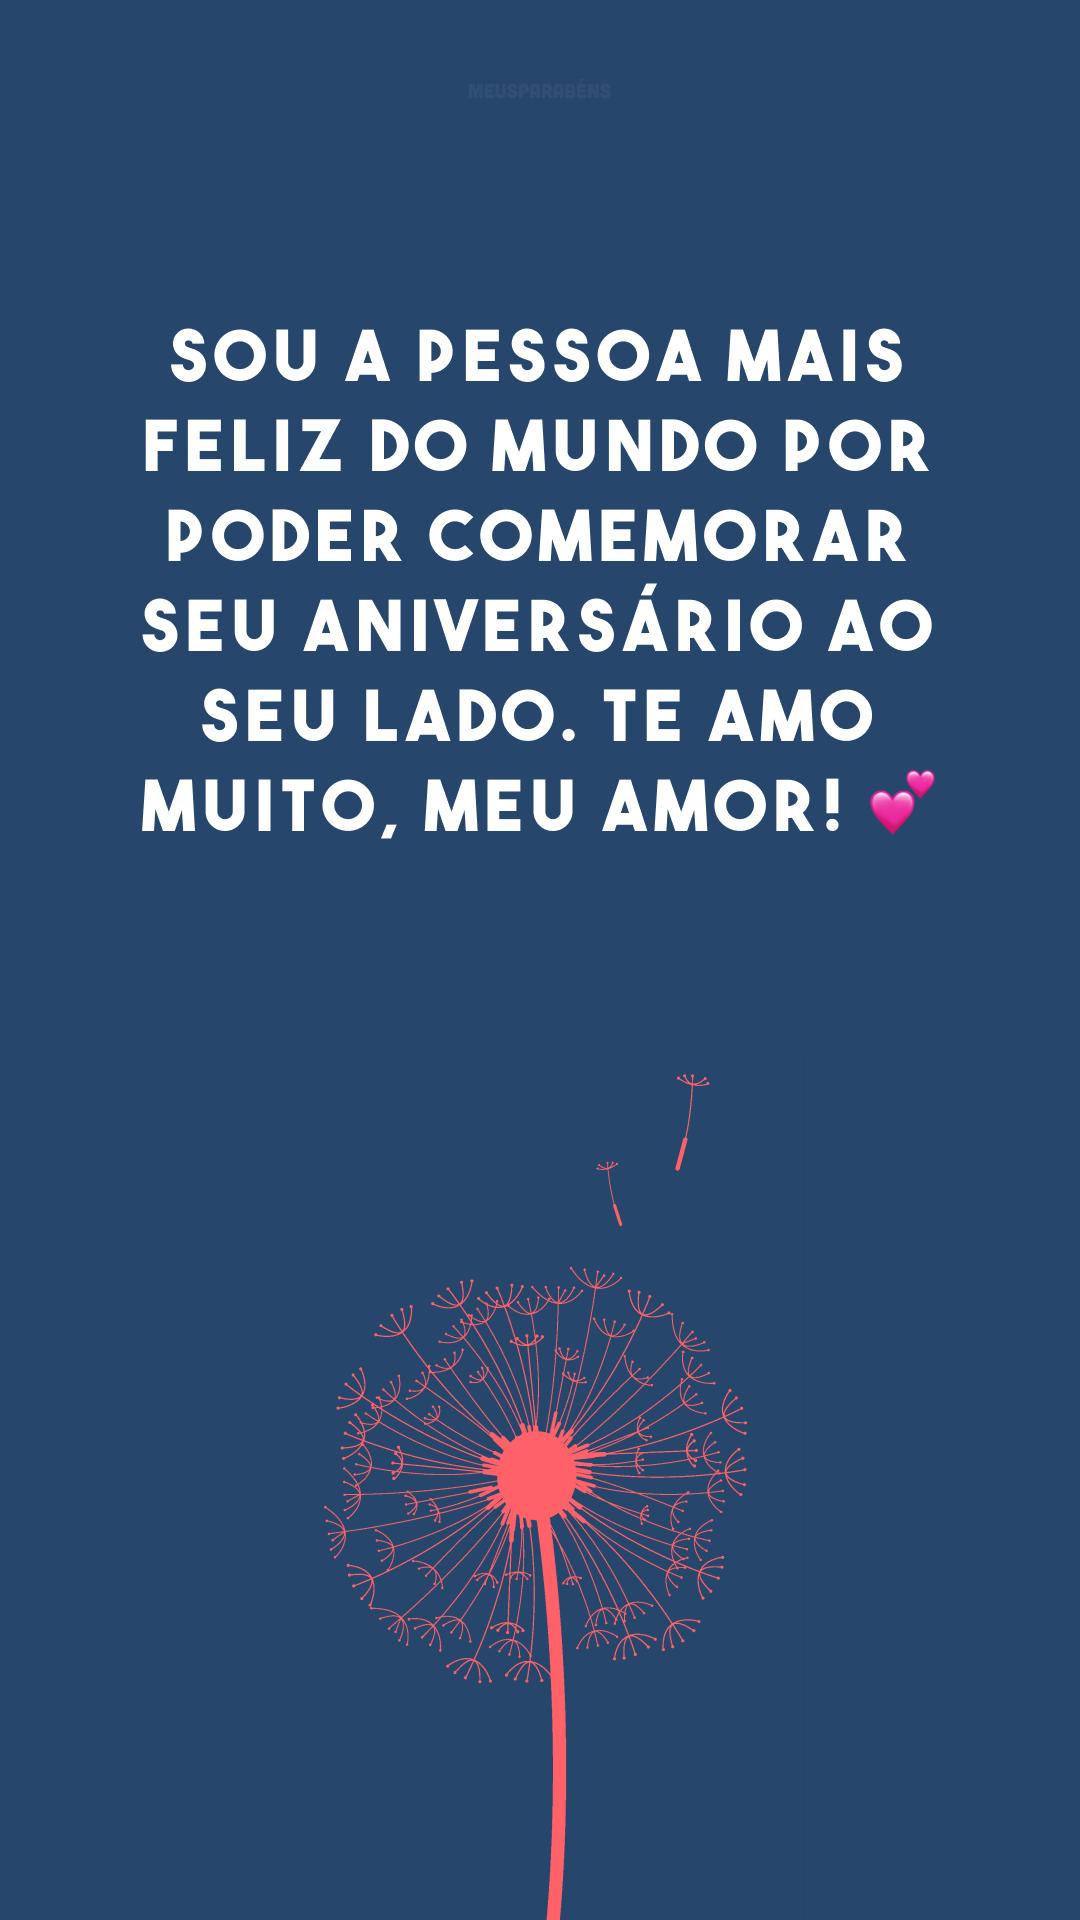 Sou a pessoa mais feliz do mundo por poder comemorar seu aniversário ao seu lado. Te amo muito, meu amor! 💕